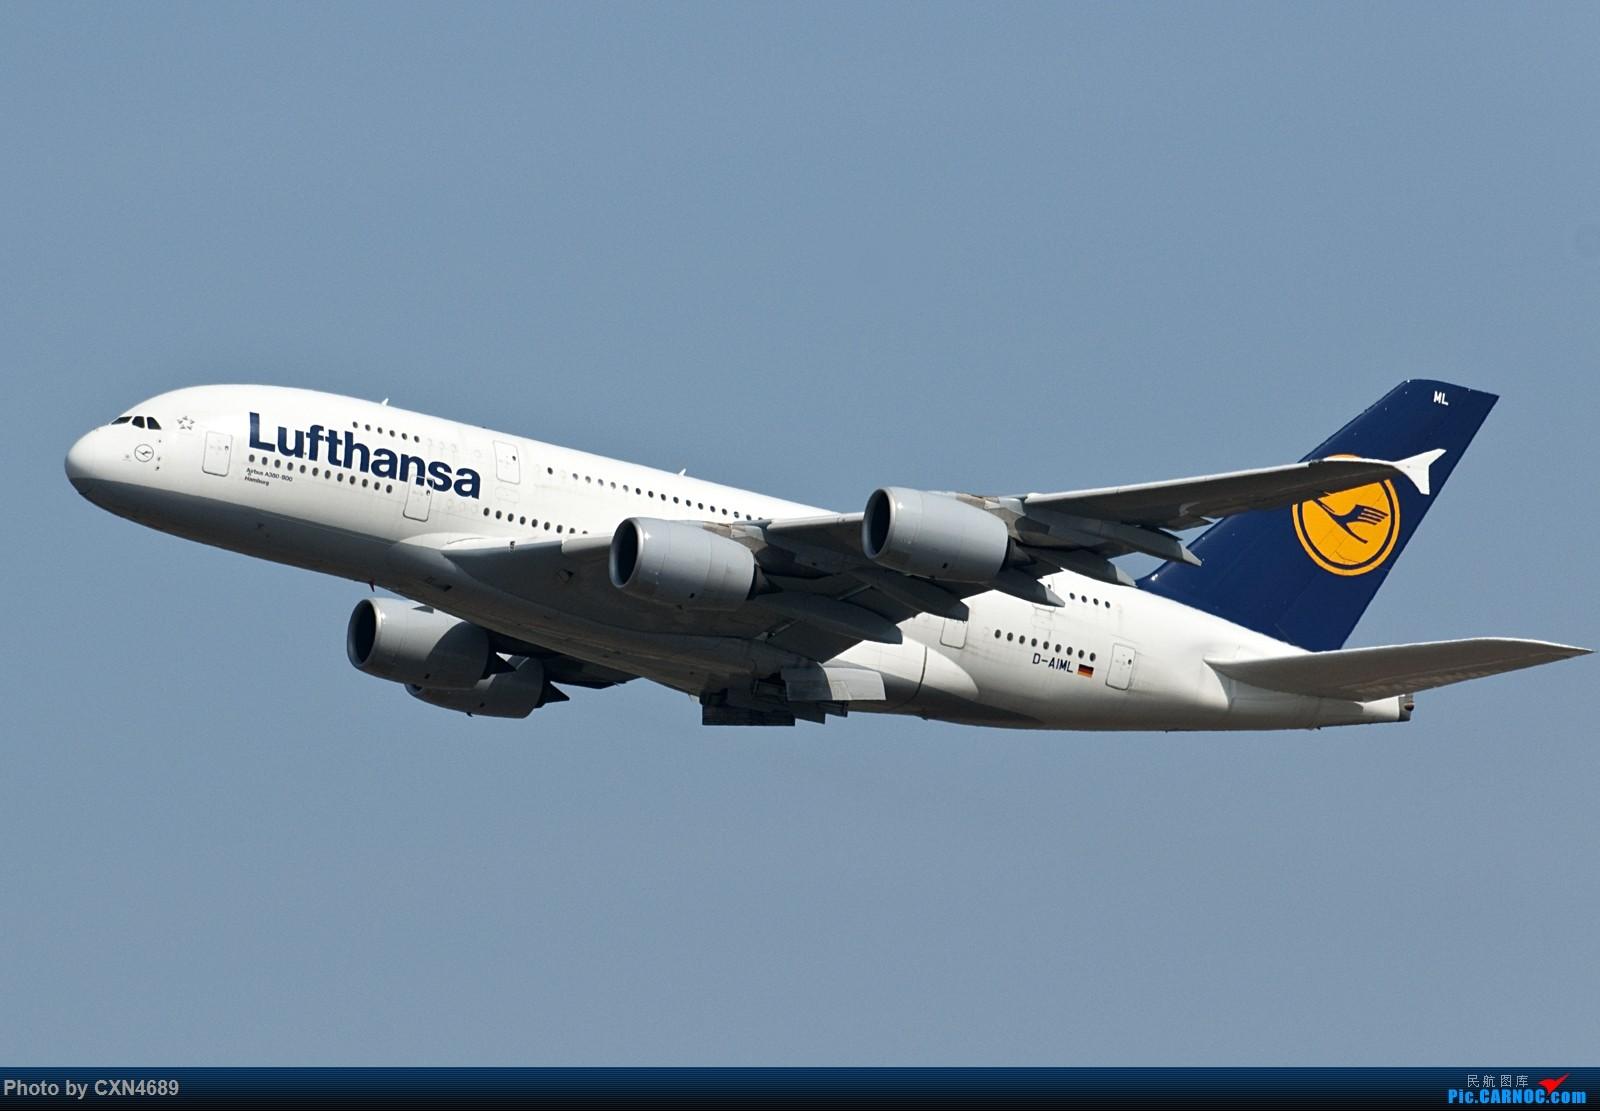 [原创]PVG好天气之N250试镜:A388德胖~(附送几张杂图) AIRBUS A380-800 D-AIML 中国上海浦东国际机场